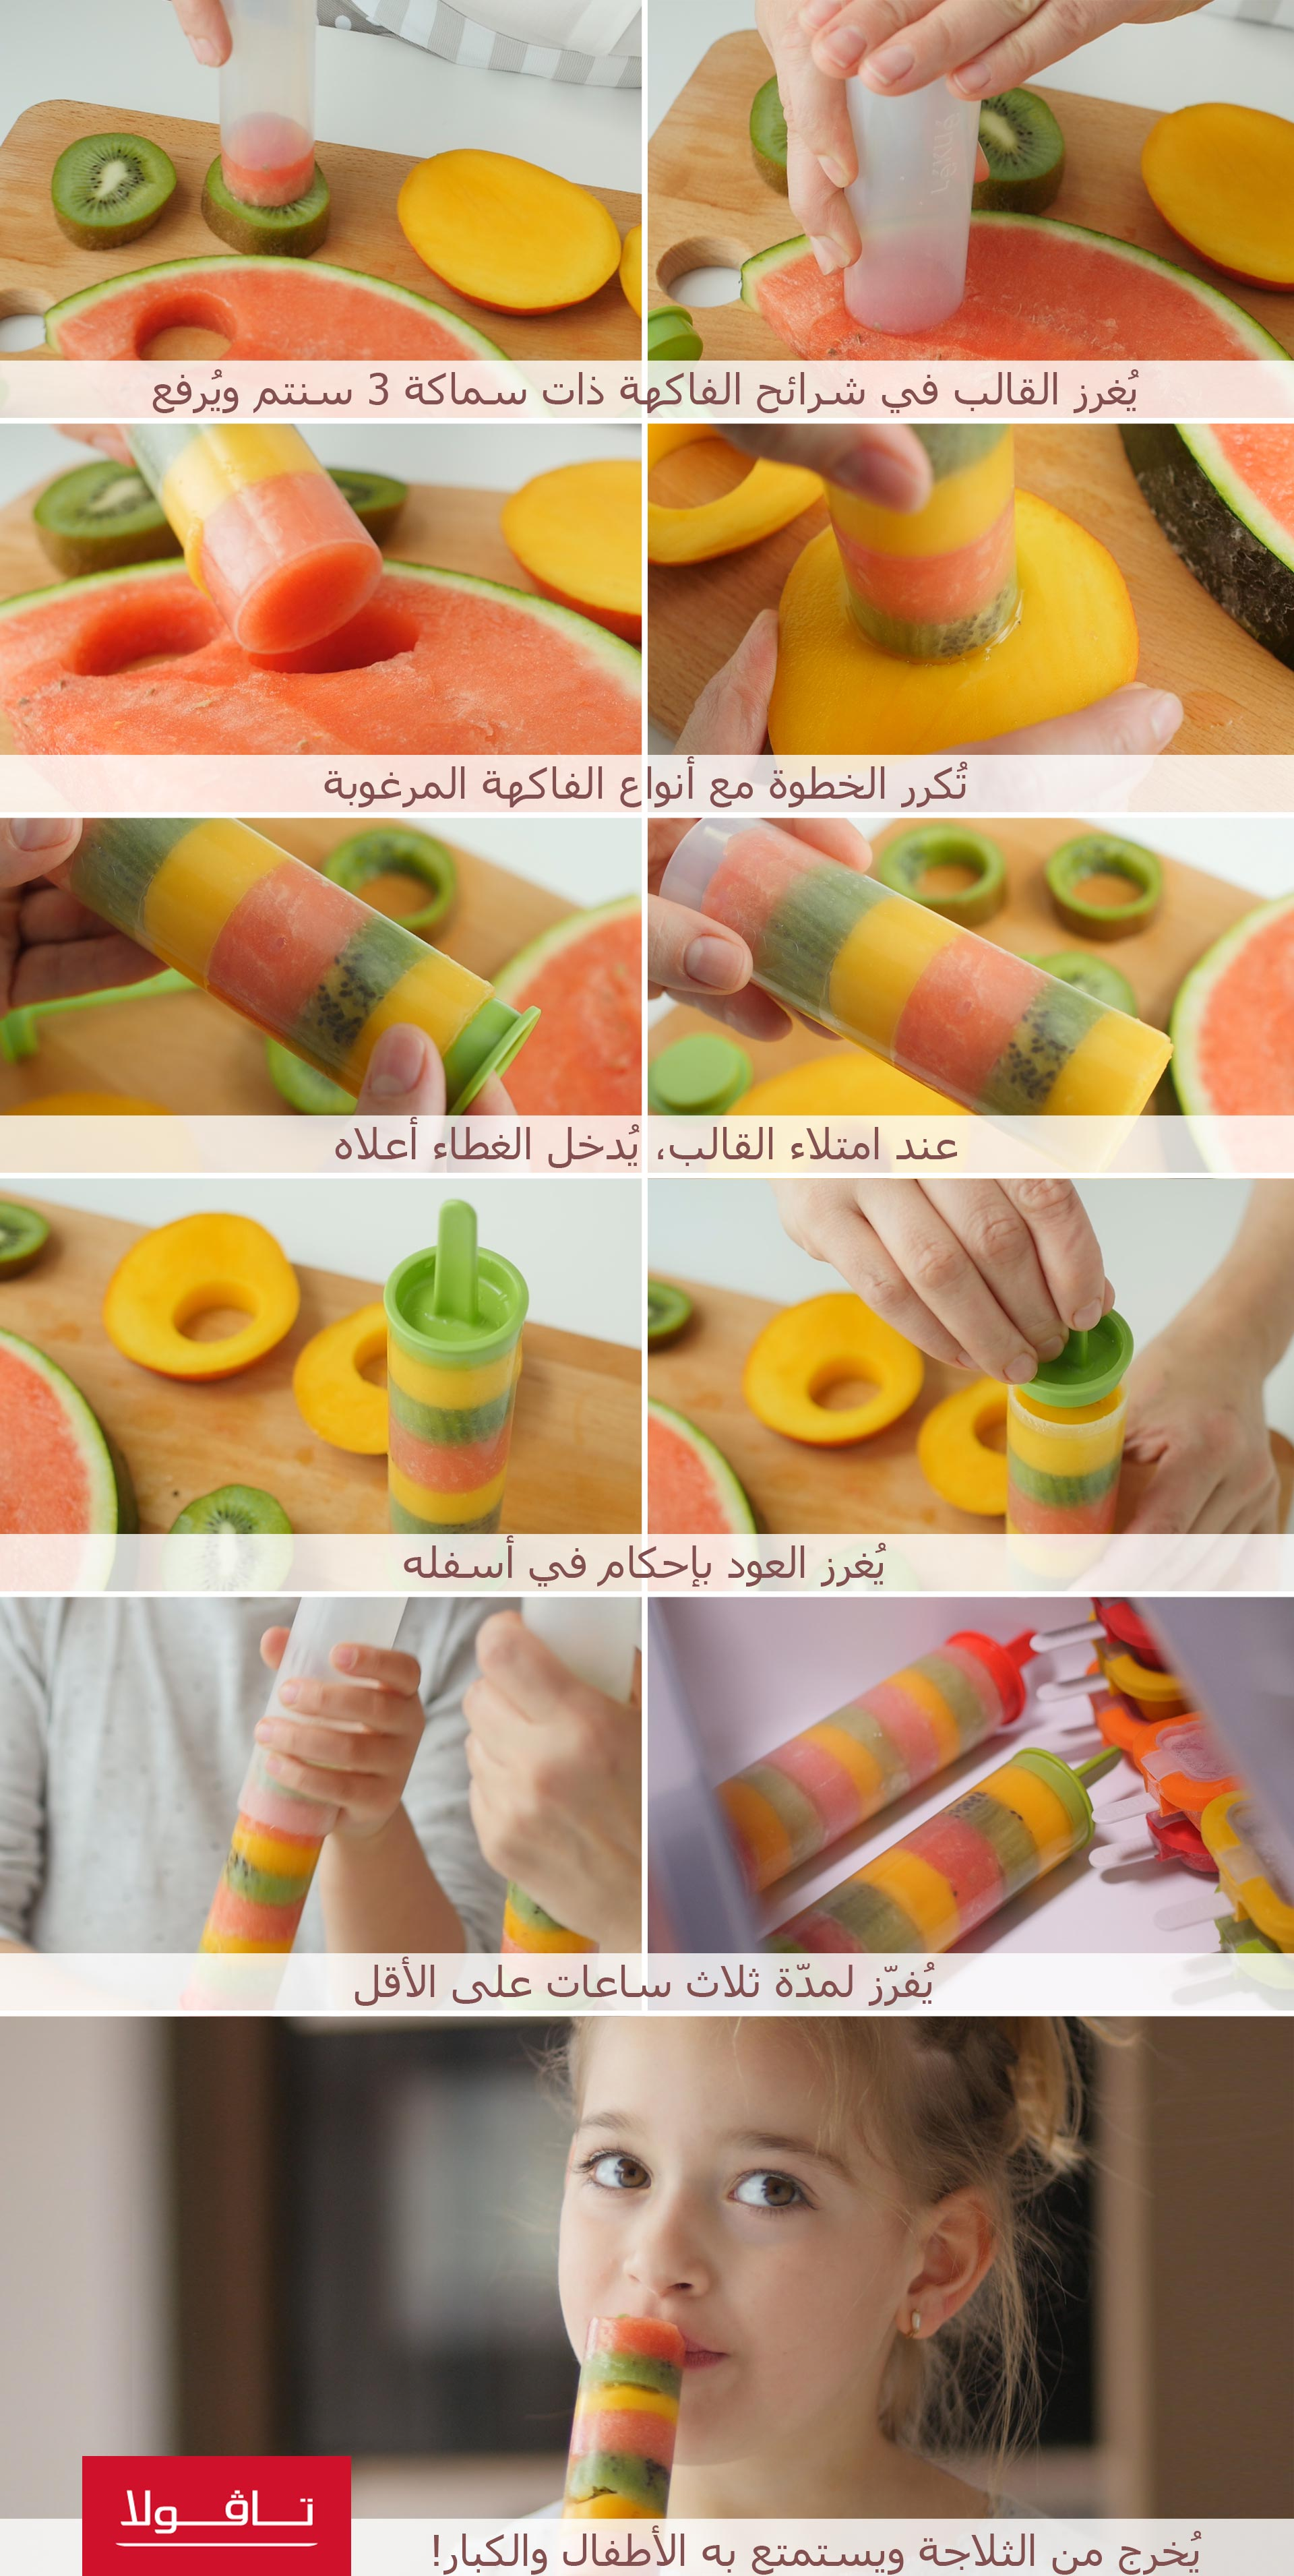 طريقة ايس كريم الفاكهة بالصور